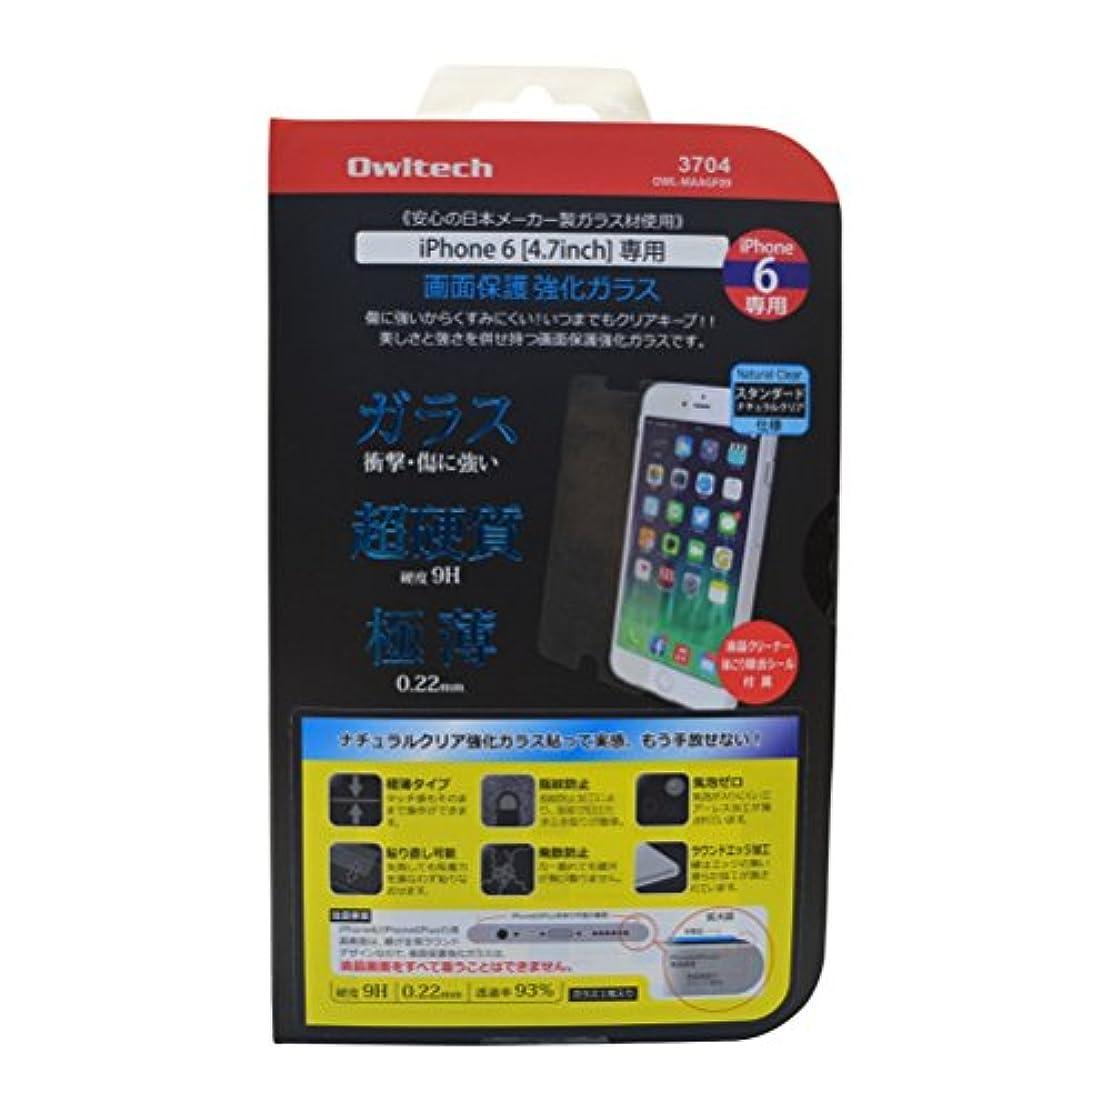 ノーブル財布人質オウルテック iPhone6S/6 4.7インチ 3D Touch対応 液晶保護 強化ガラスフィルム クリア 0.22mm 硬度9H 気泡ゼロ クロス付属